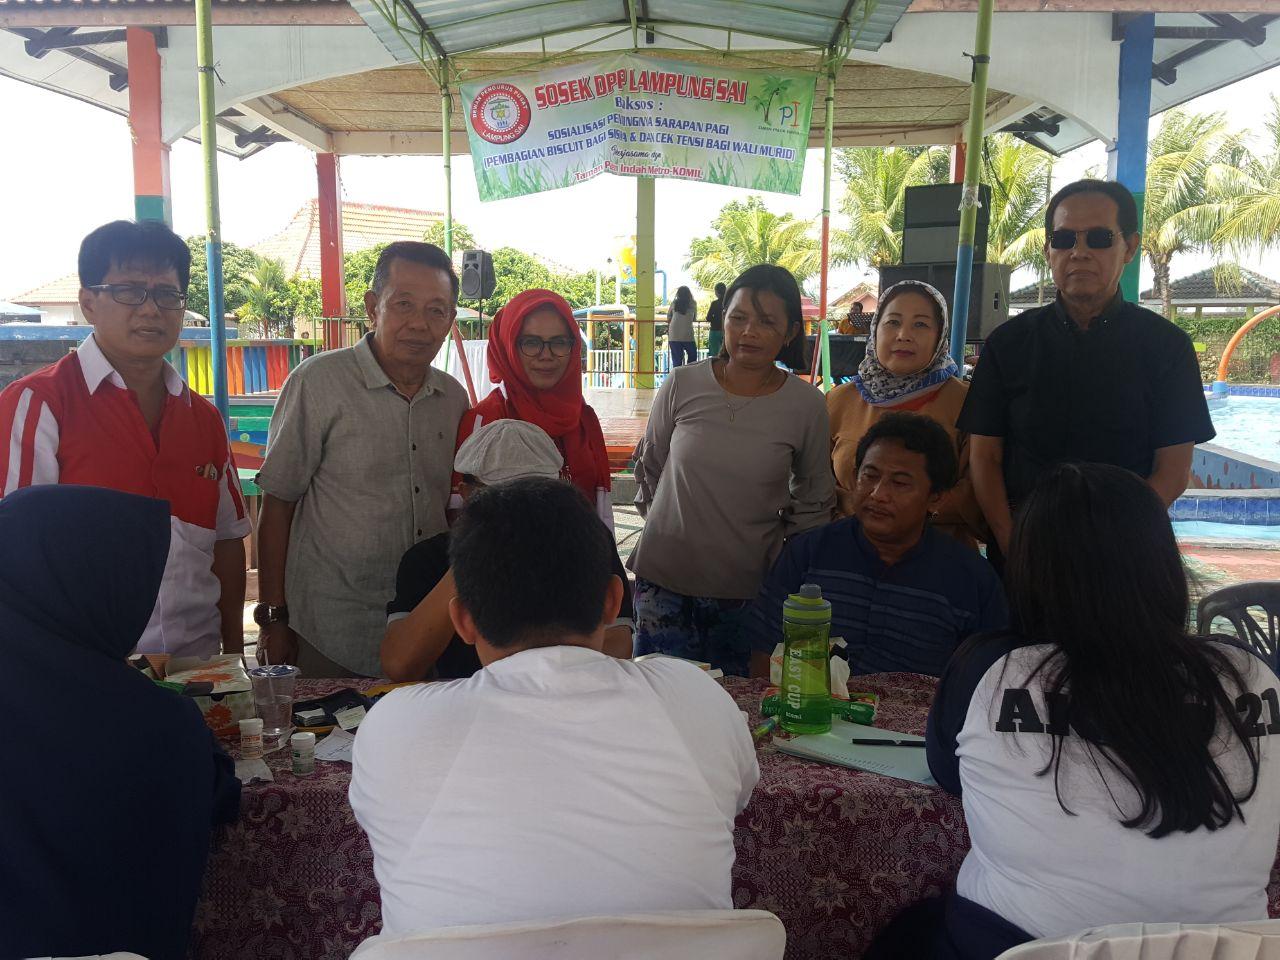 Taman Palem Indah Metro-DPP Lampung Sai Gelar Cek Kesehatan Gratis